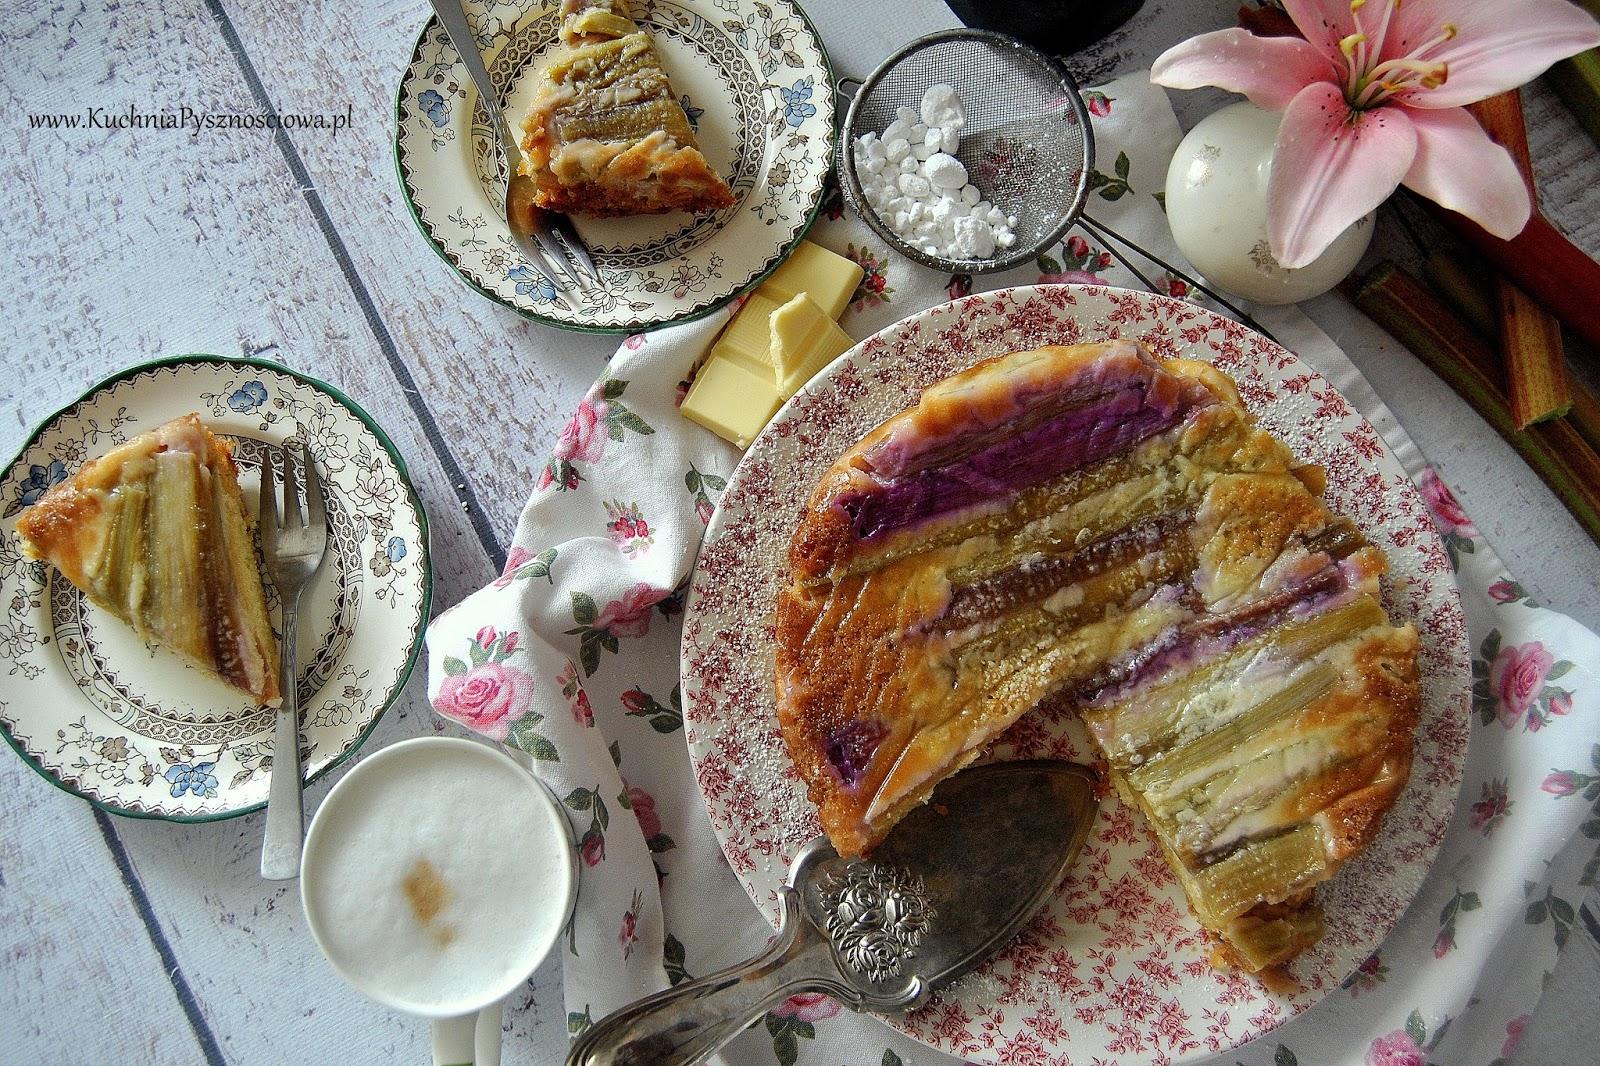 524. Odwrócone ciasto z białą czekoladą i rabarbarem